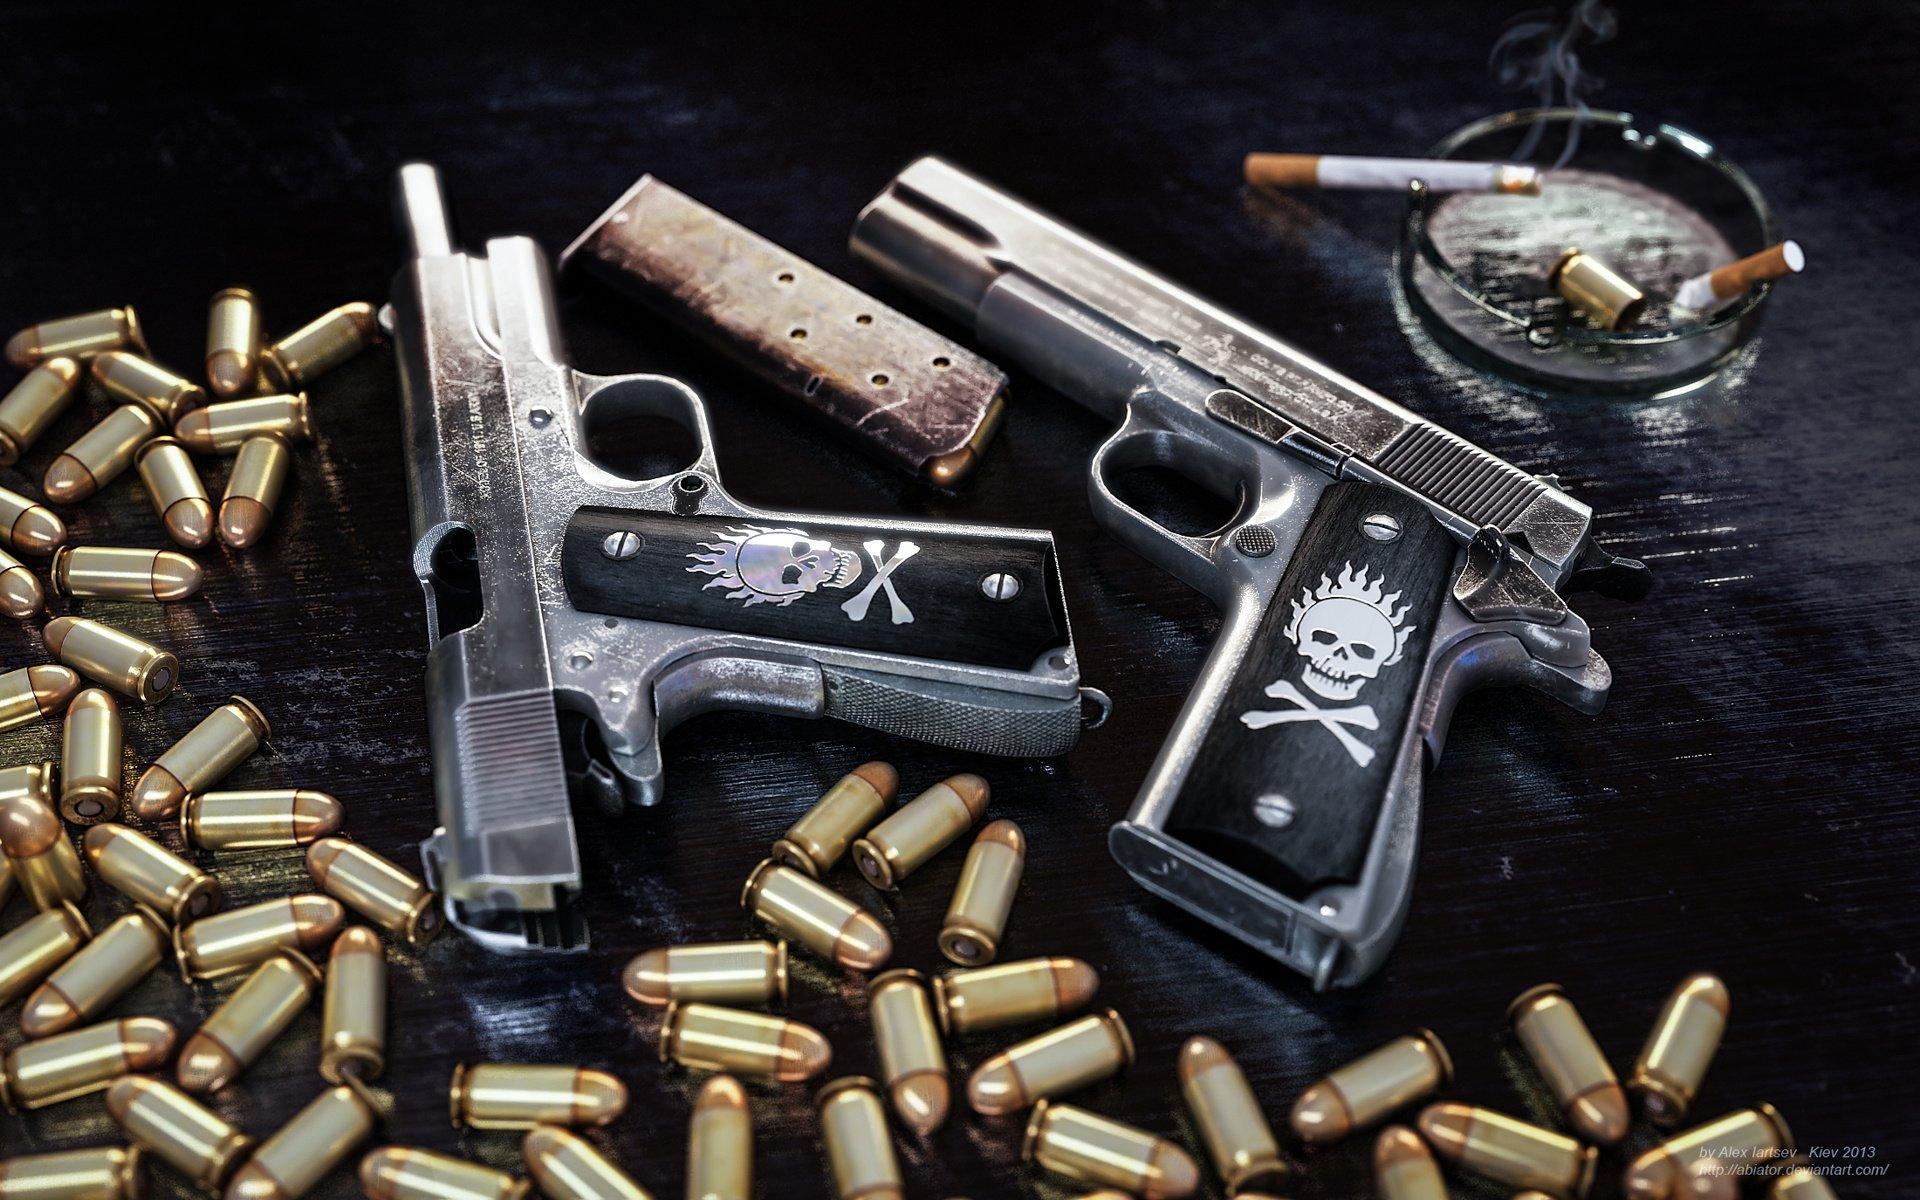 1911 pistol ammunition clip colt ammo weapon gun skull wallpaper 1920x1200